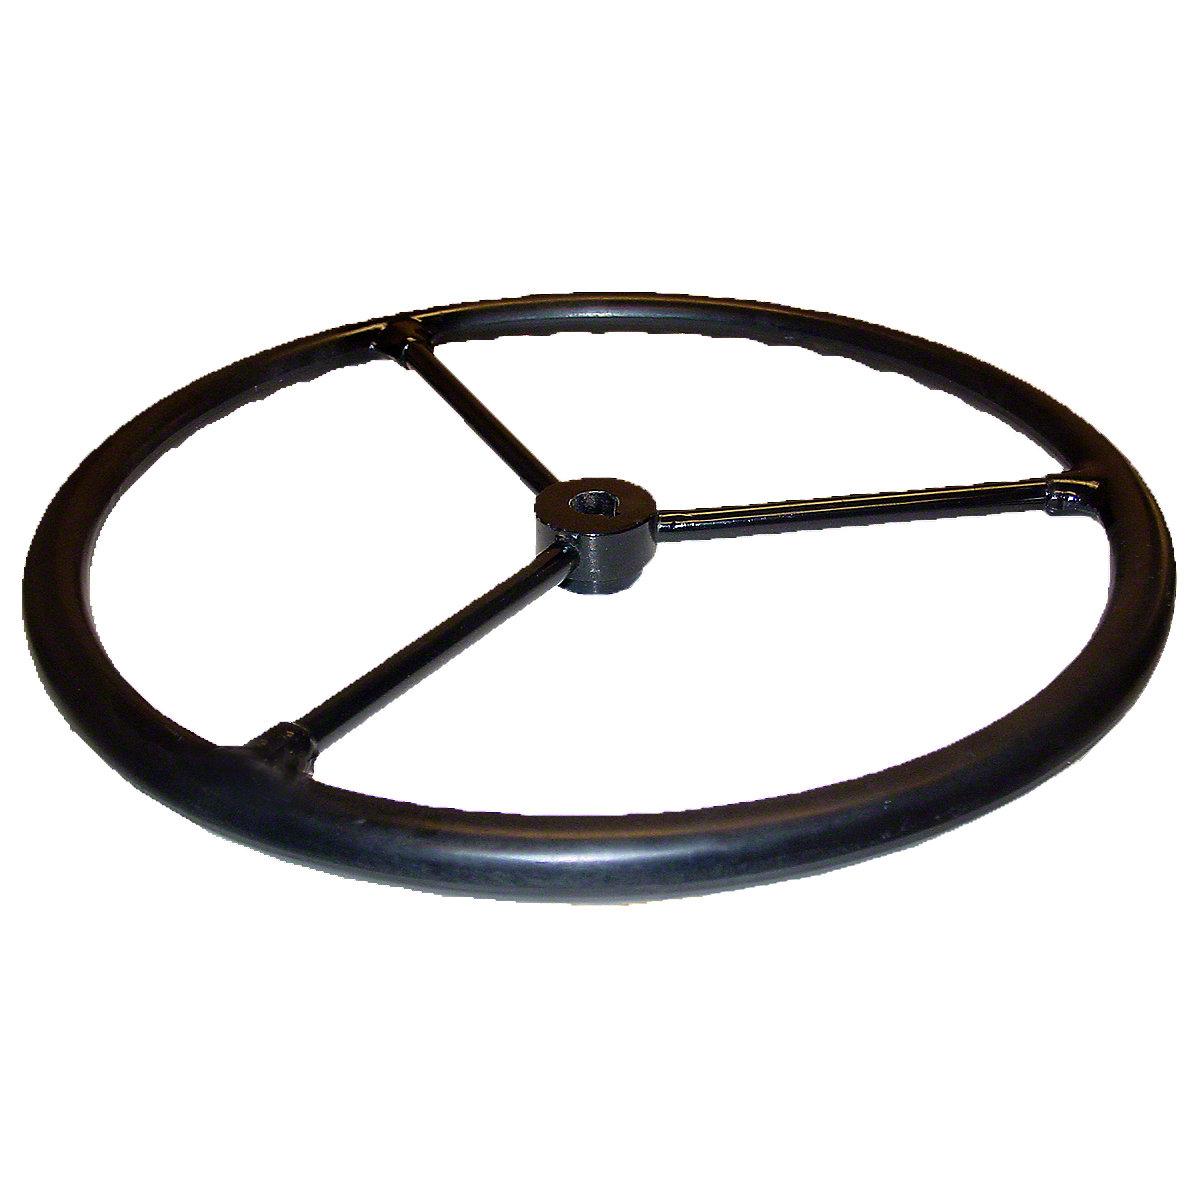 16 3 Spoke Steering Wheel For Allis Chalmers: B, C, CA.